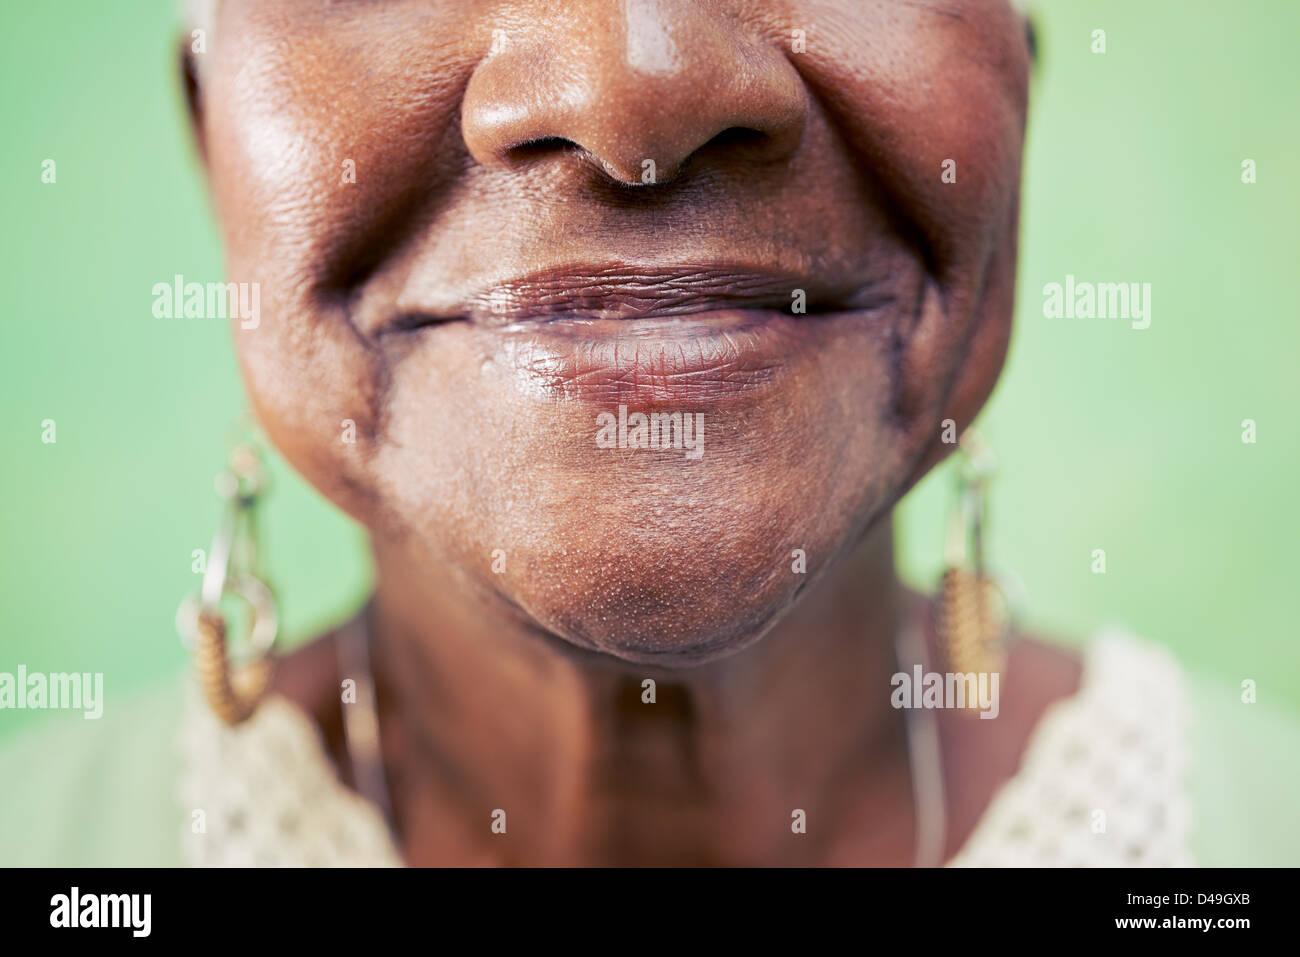 Alte schwarze Frau Portrait, close-up von Augen- und Gesichtsschutz auf grünem Hintergrund. Textfreiraum Stockfoto